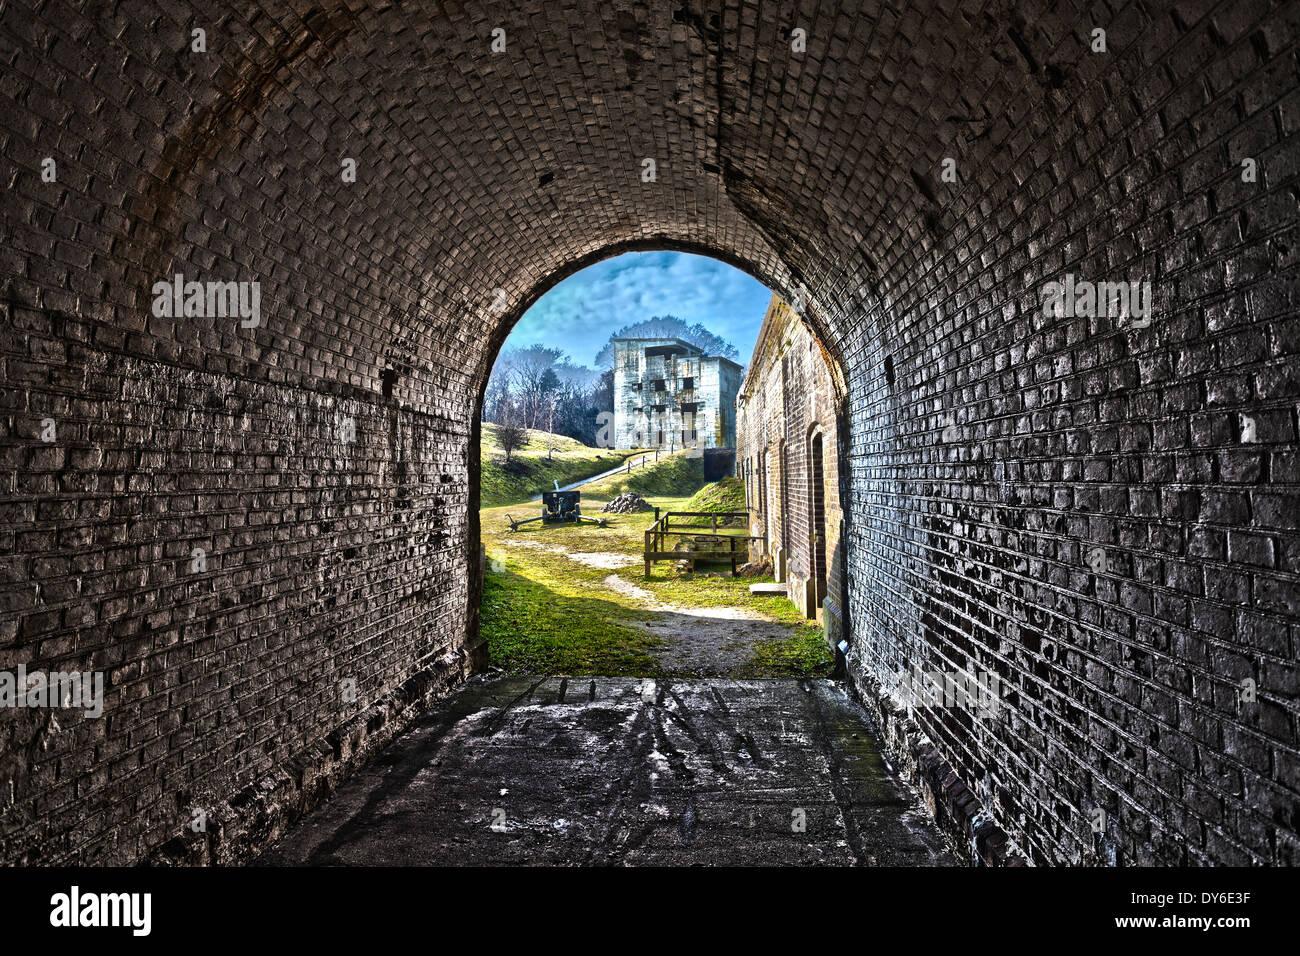 Forte occidentale a Swinoujscie, Polonia, elaborazione HDR. Immagini Stock